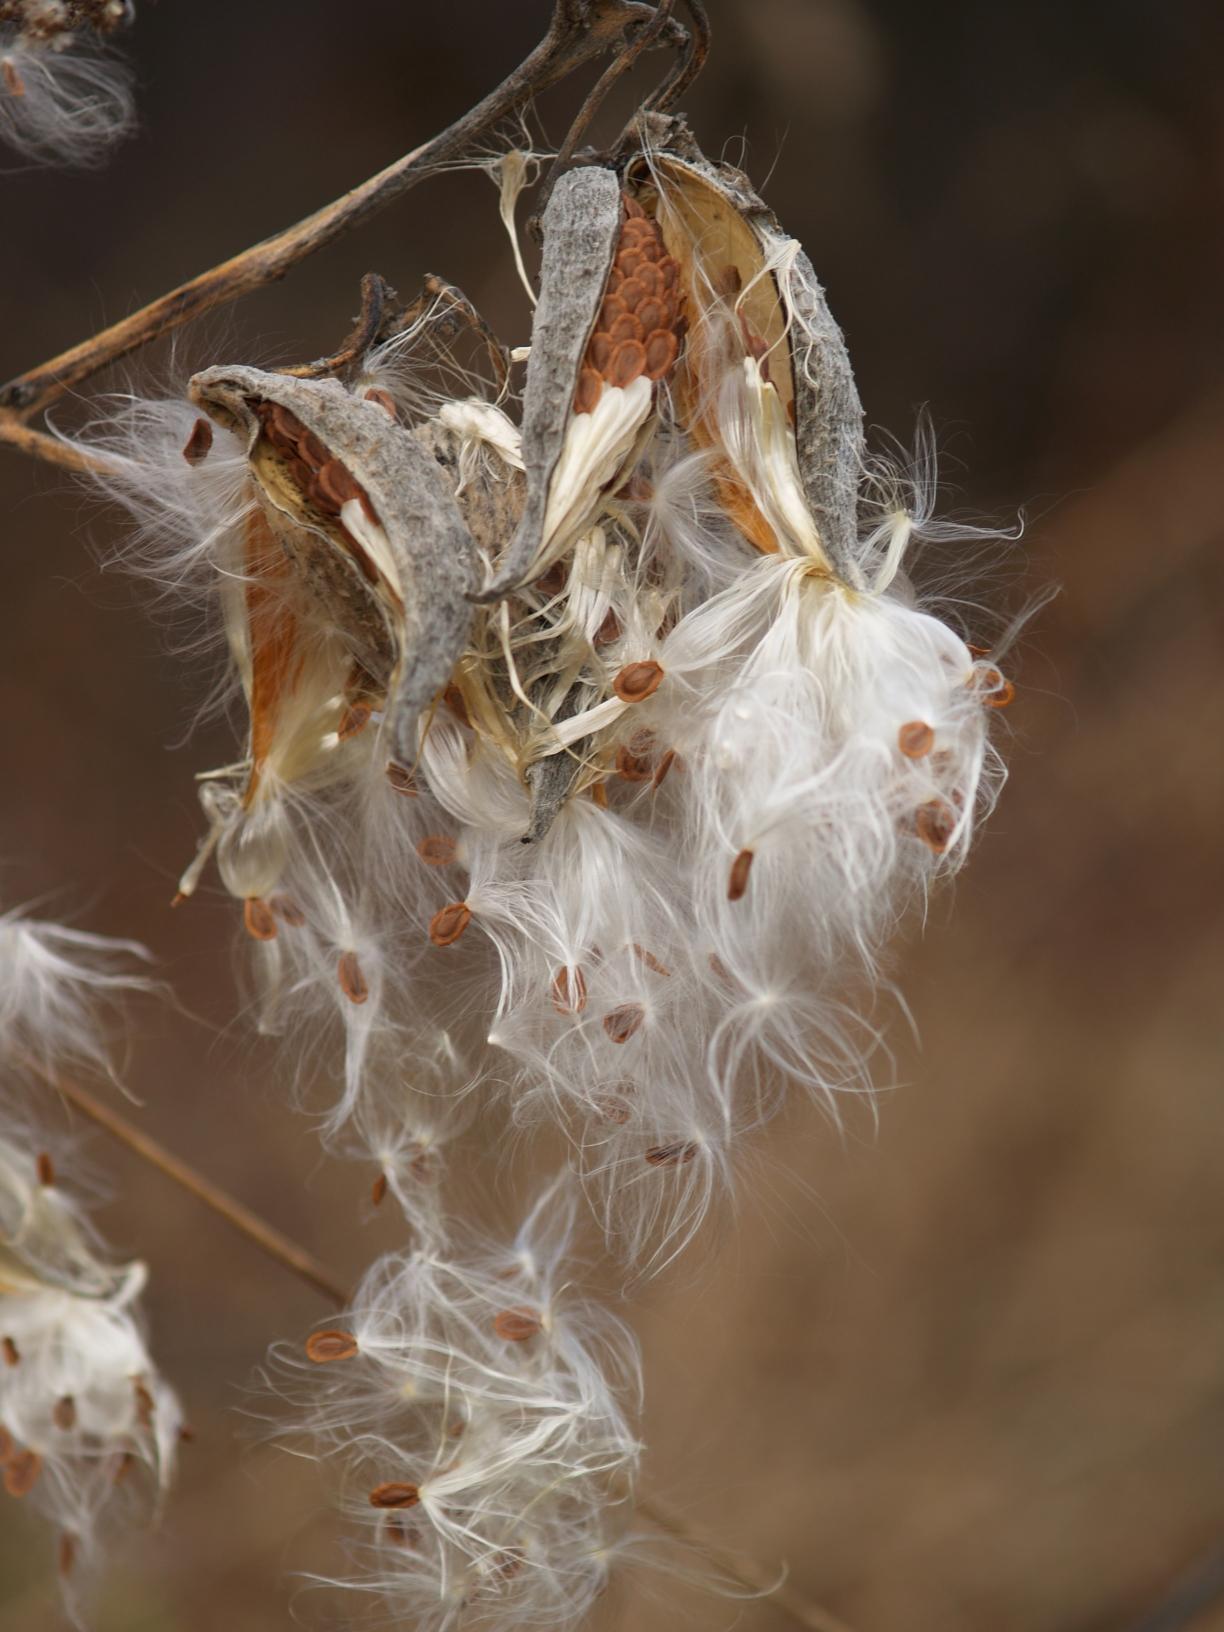 Fall milkweed, Seed, Seeds, Plant, Nature, HQ Photo